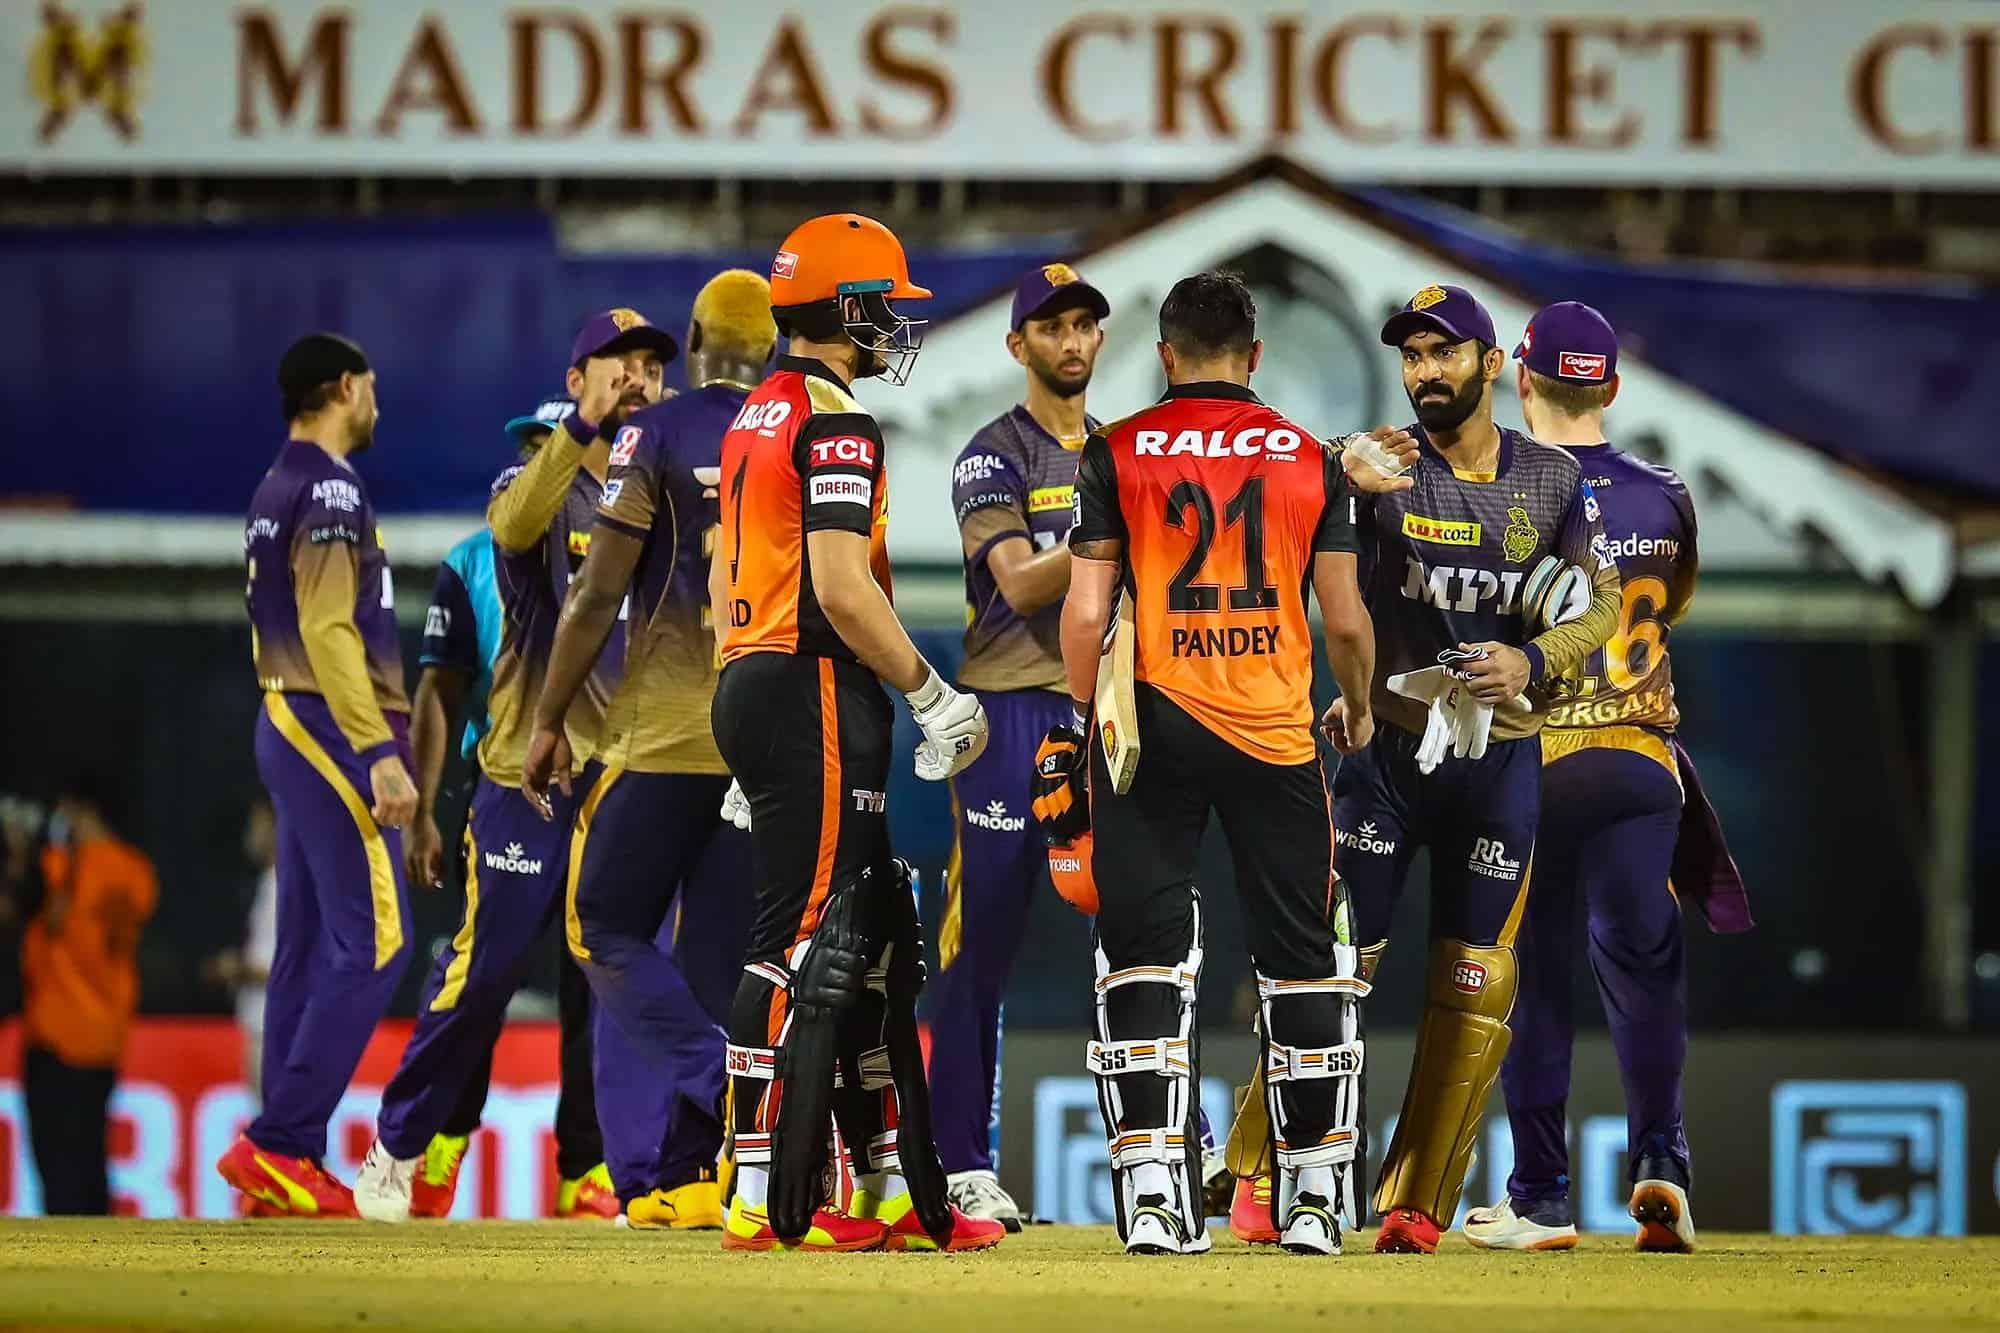 IPL 2021, Match 3 - SRH vs KKR: Three Records Broken As KKR Registers Their 100th IPL Win